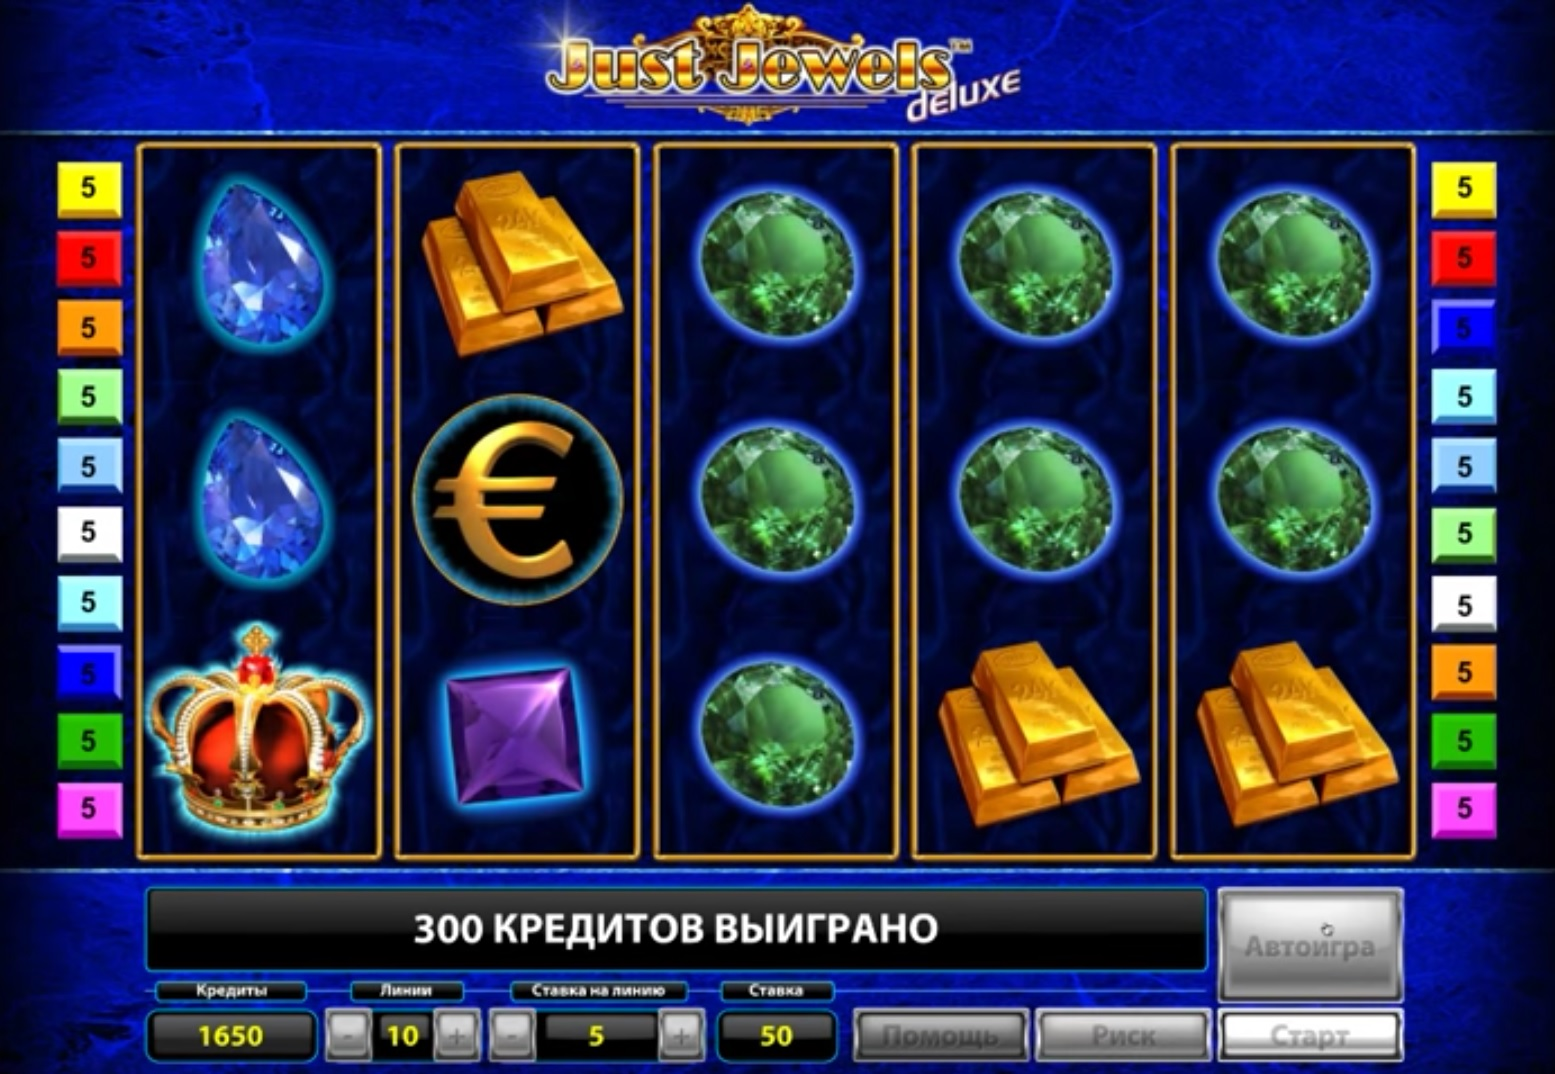 Игровые автоматы играть в украине гороскоп когда играть в казино